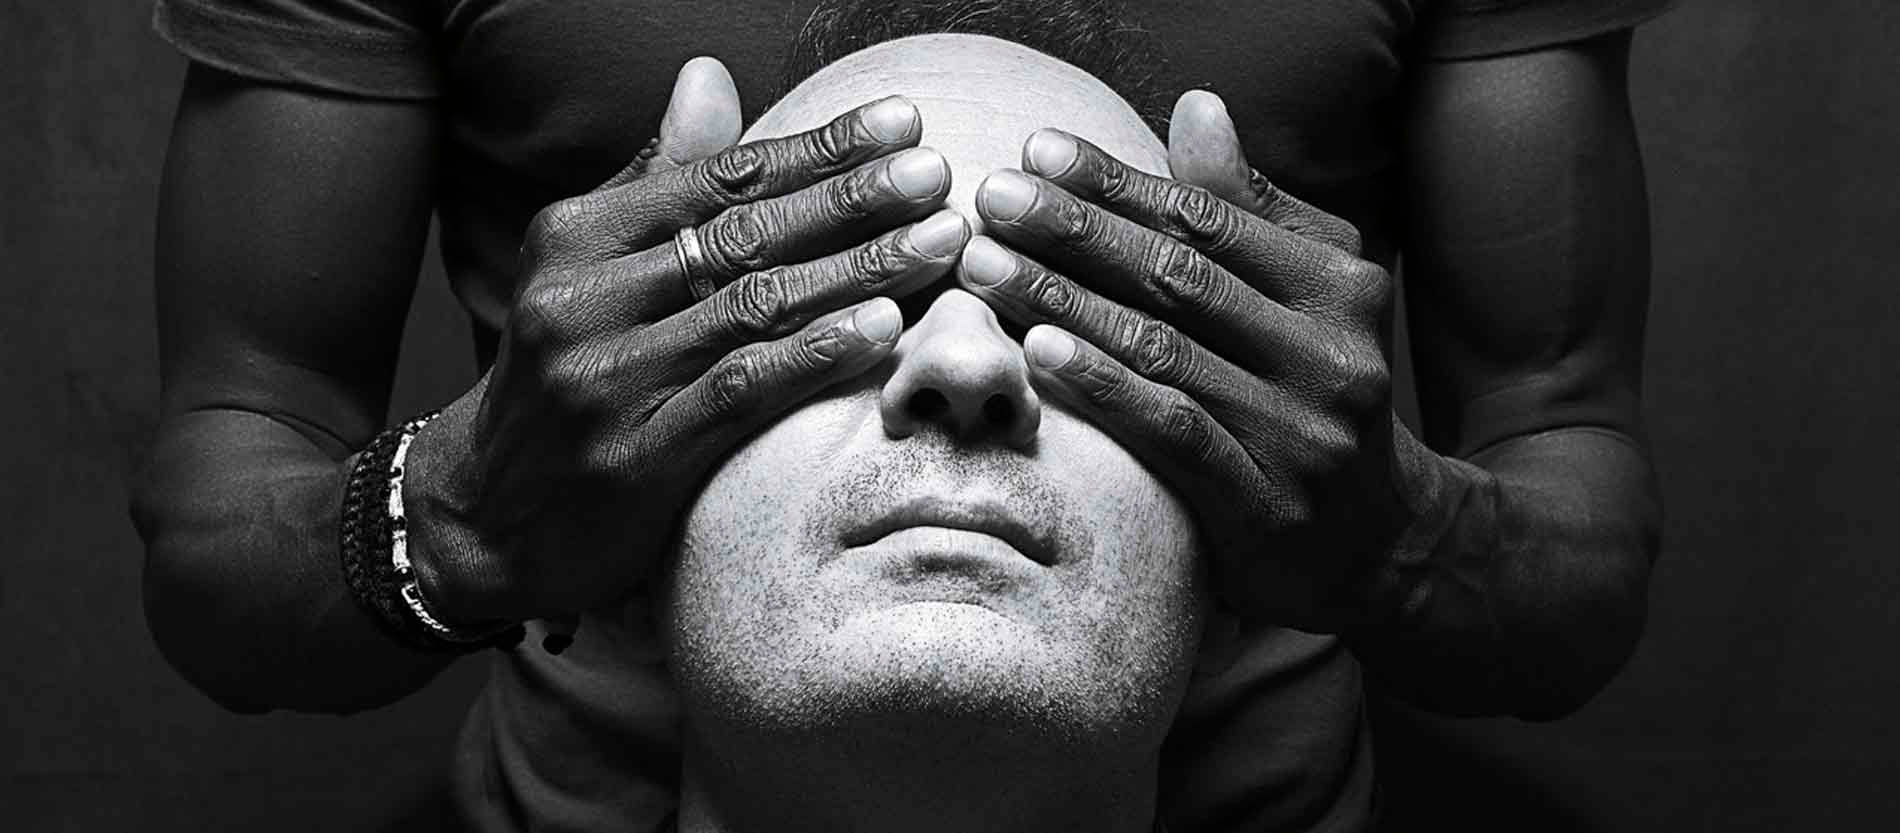 Nicolas Folmer – So Miles